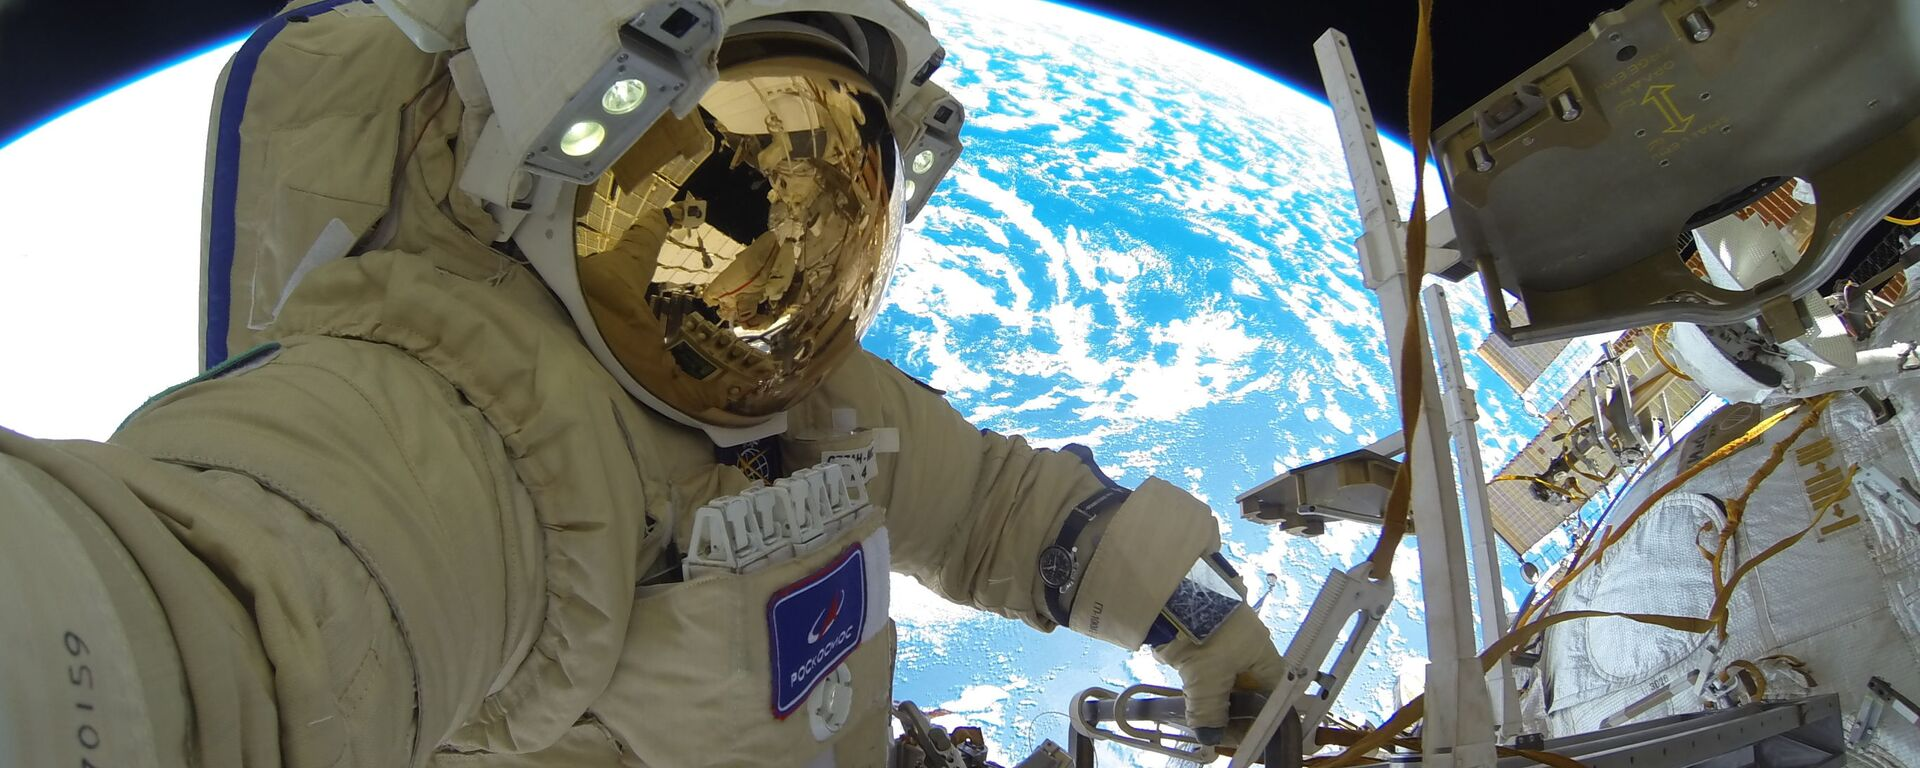 Kosmonaut Roskosmosu Sergej Kuď-Sverčkov během výstupu do volného prostoru - Sputnik Česká republika, 1920, 26.04.2021